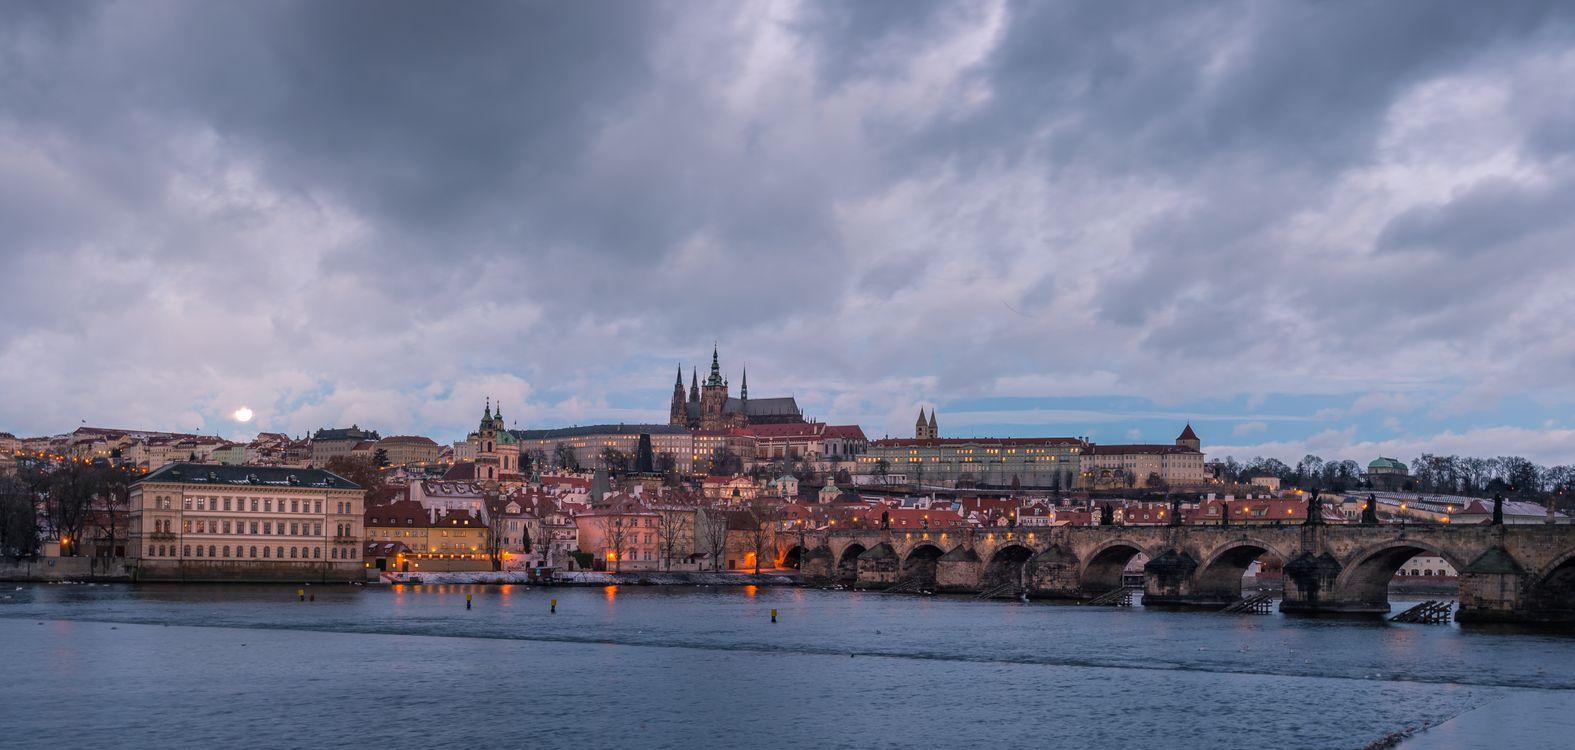 Фото бесплатно Прага, Чехия, Чешская Республика, Prague, Czech Republic, Карлов мост, Река Влтава, город, дома, мосты, иллюминация, ночь, ночные города, панорама, город